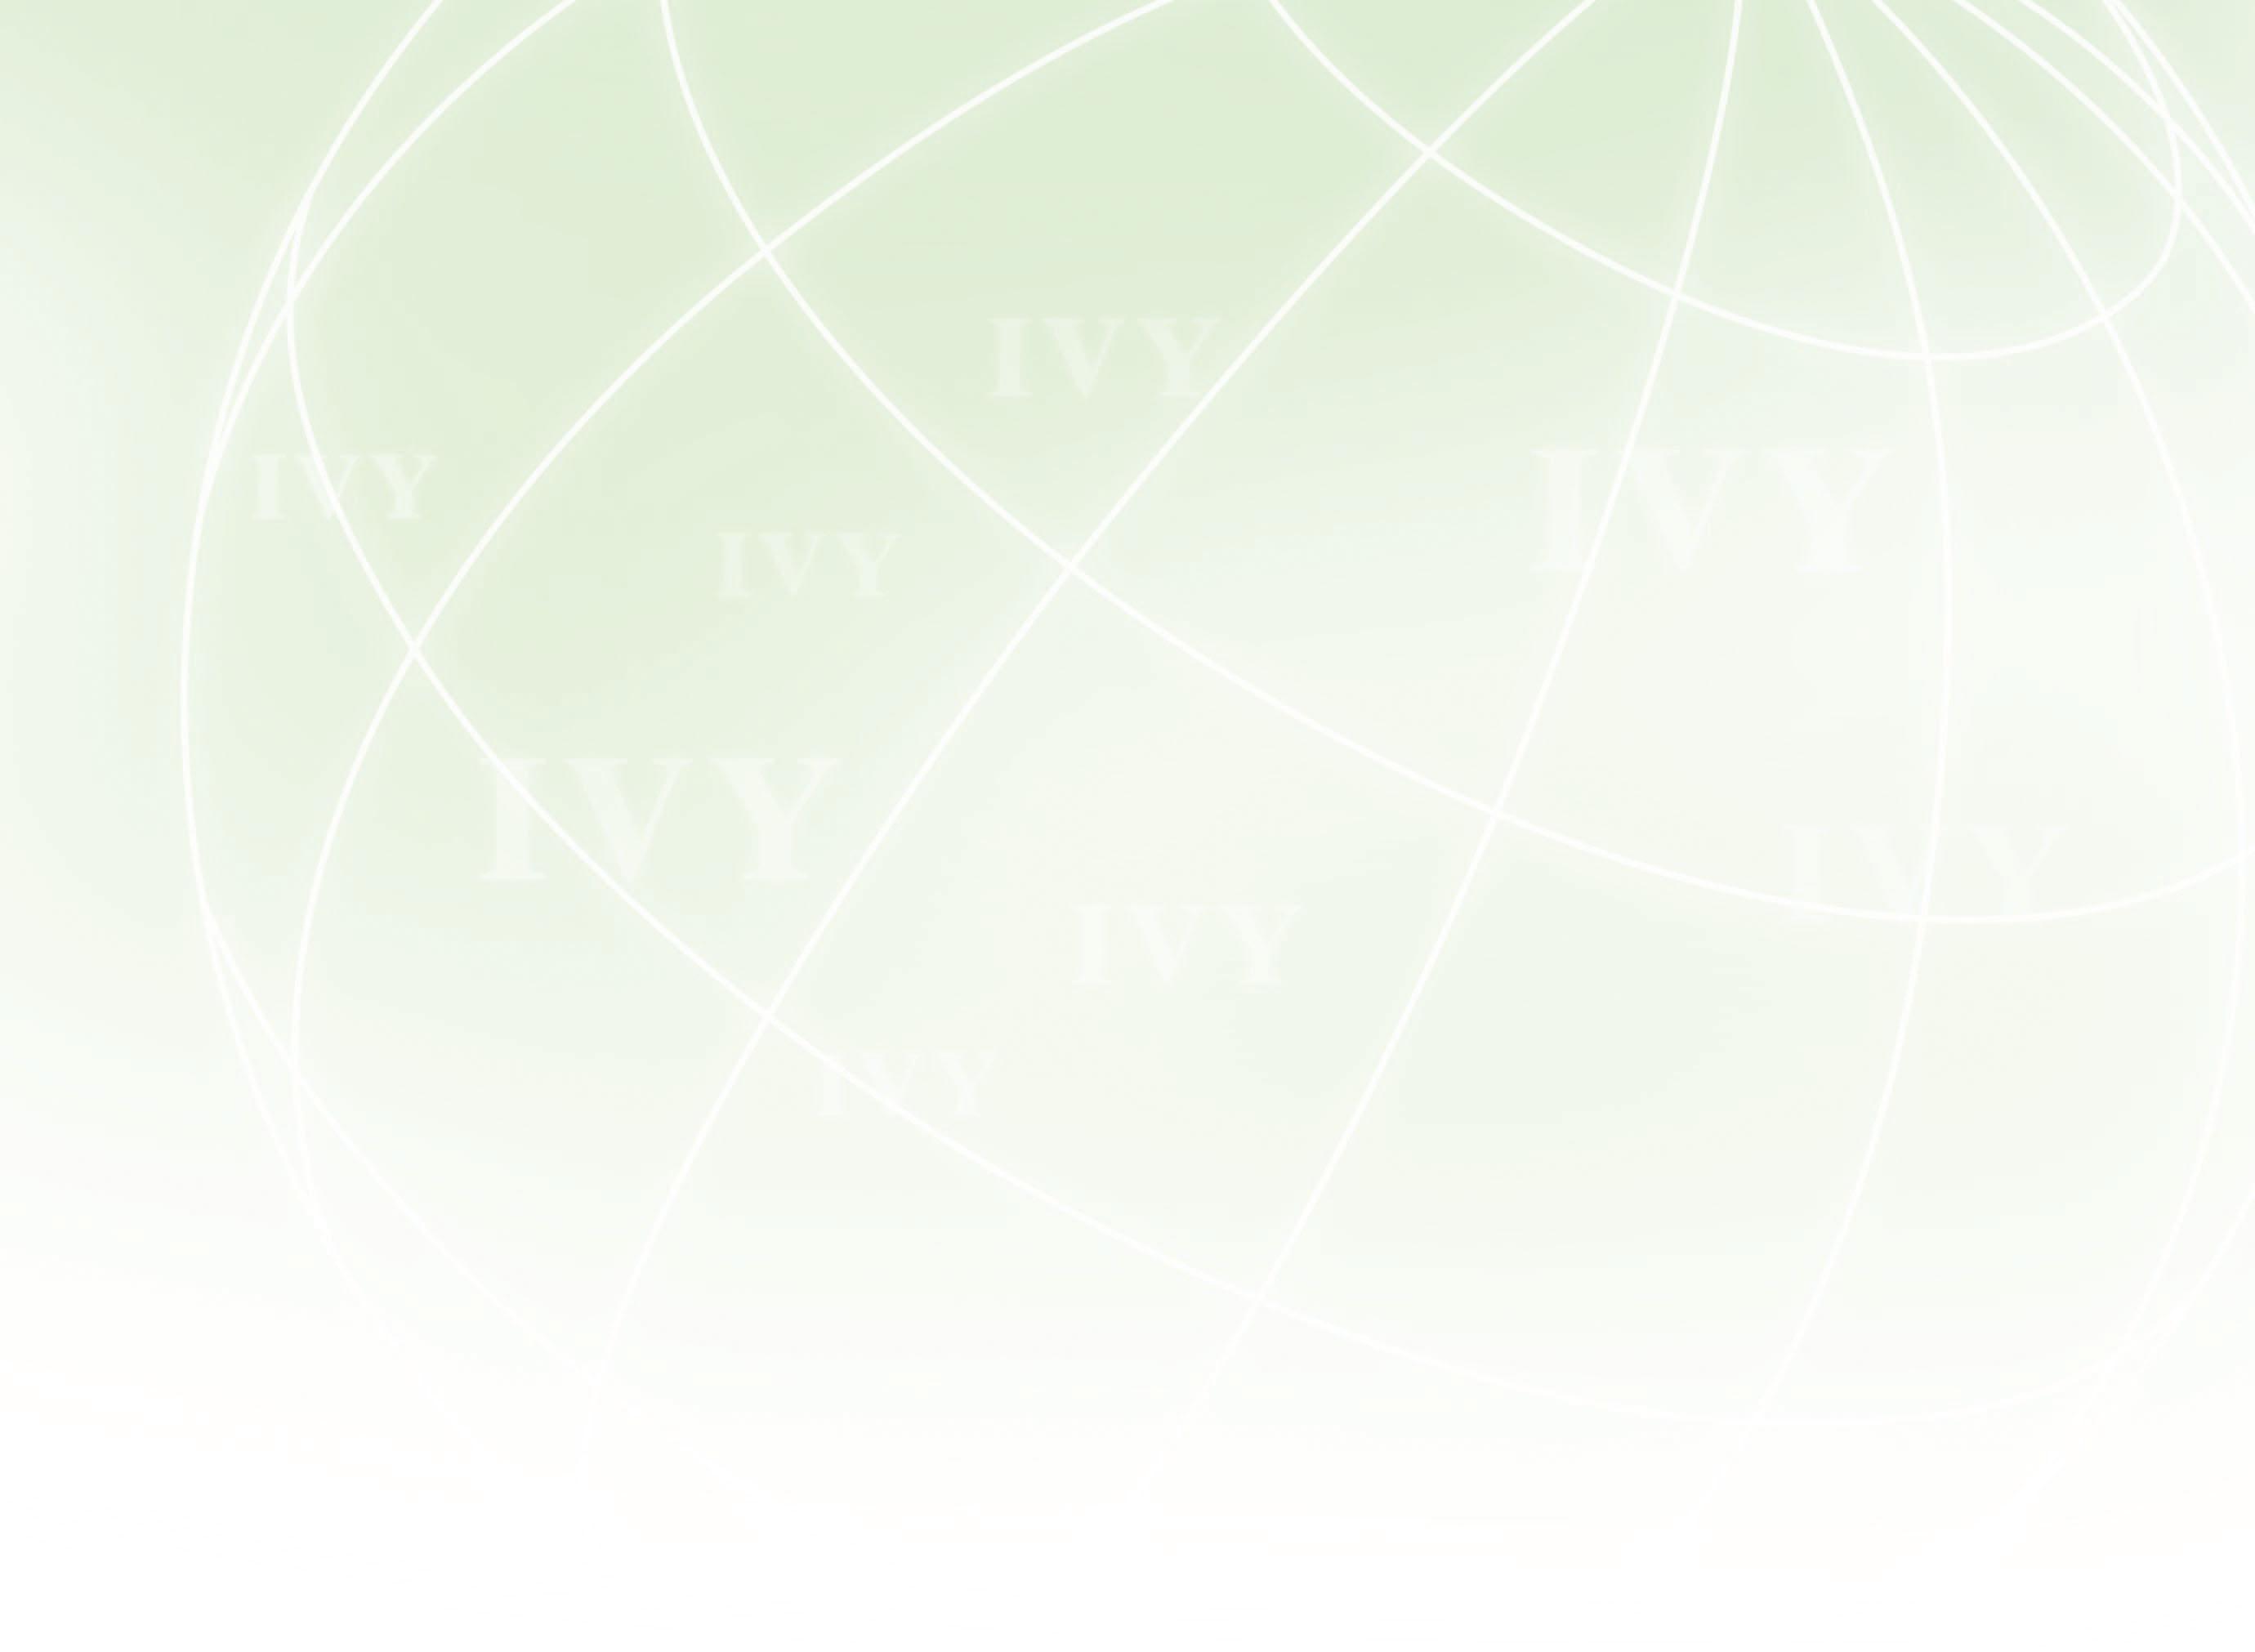 IVY地球淺.jpg